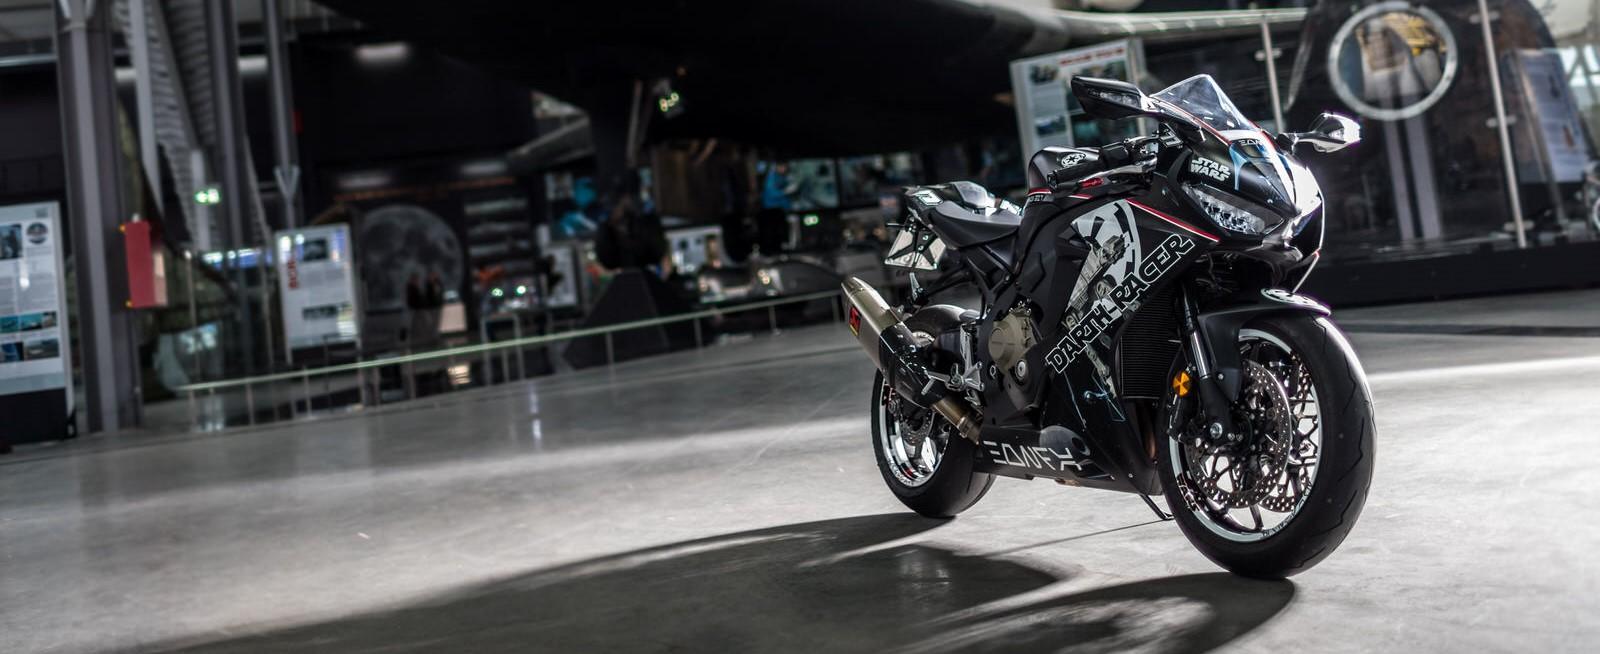 Star-Wars-Motorrad-Honda-Fireblade-Torsten-Karpf